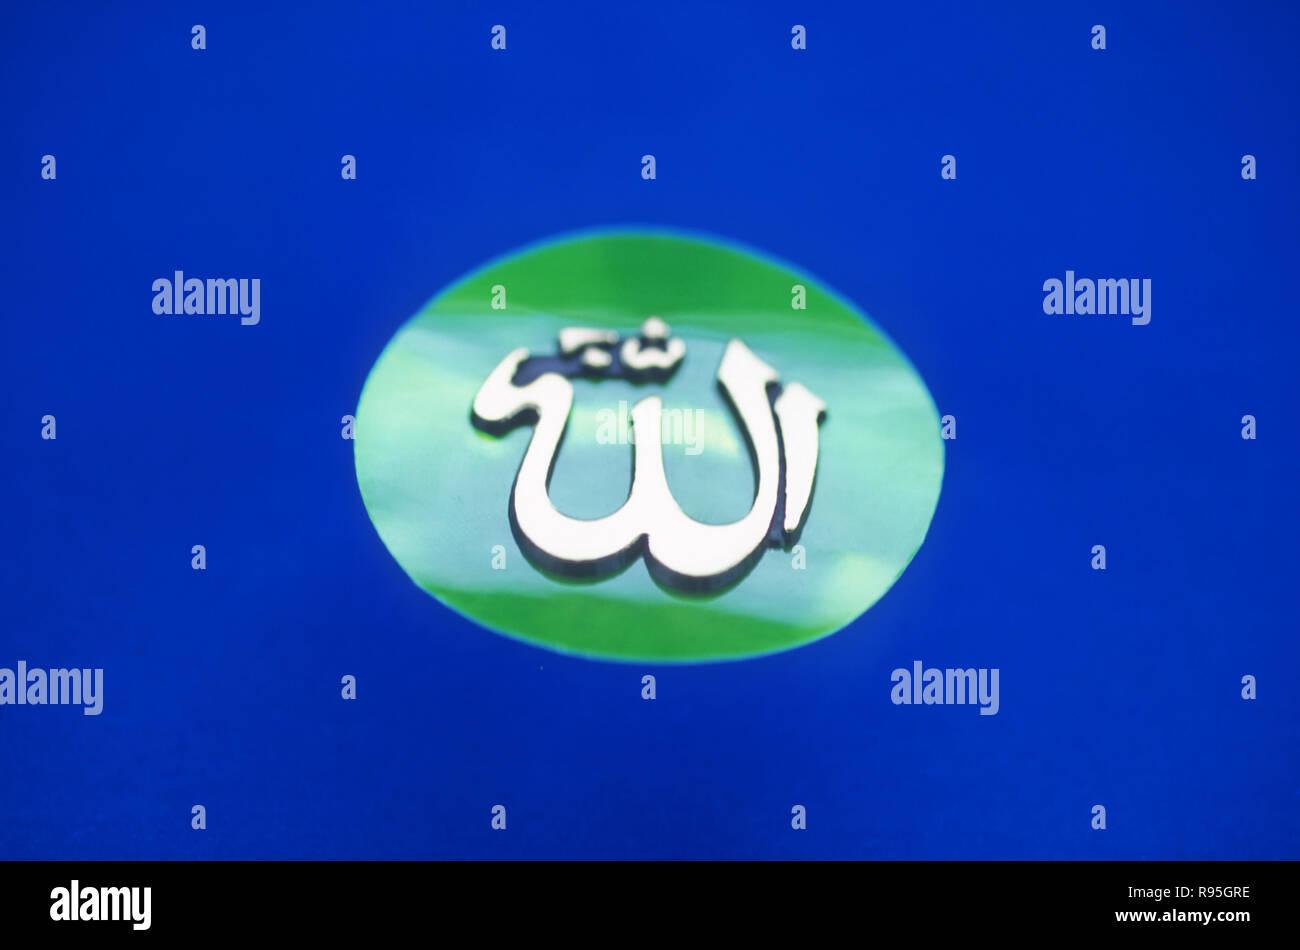 Allah - Symbol of Islam - Stock Image